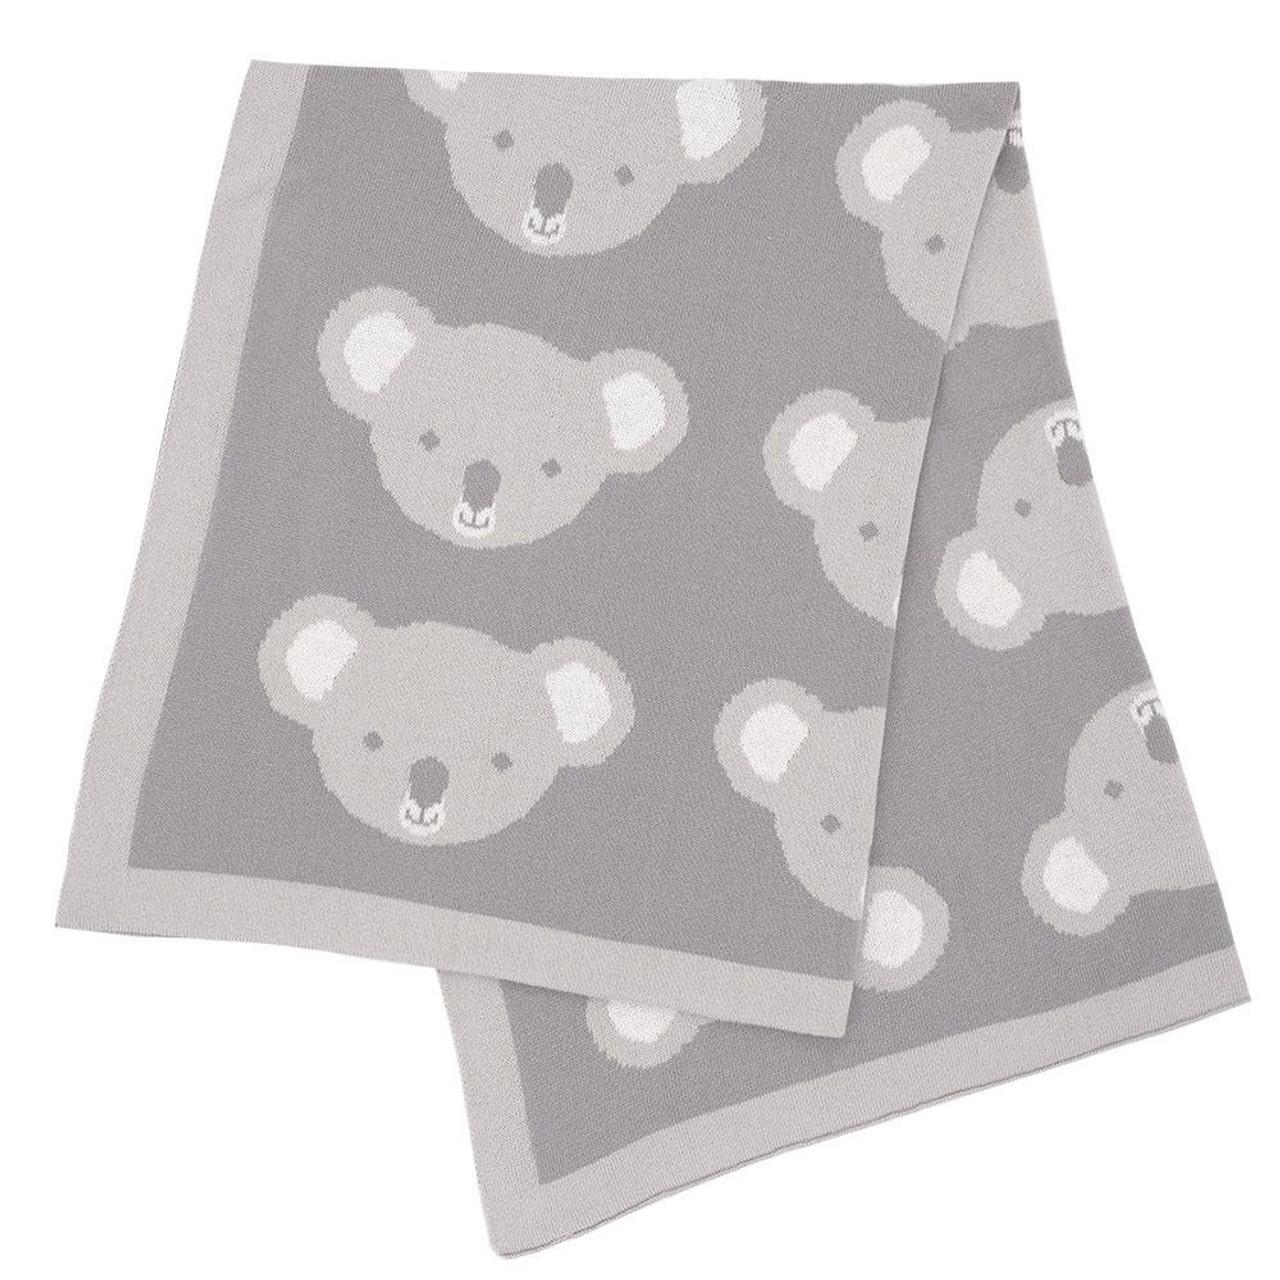 Living Textiles Knitted Koala Blanket 75 x 100cm